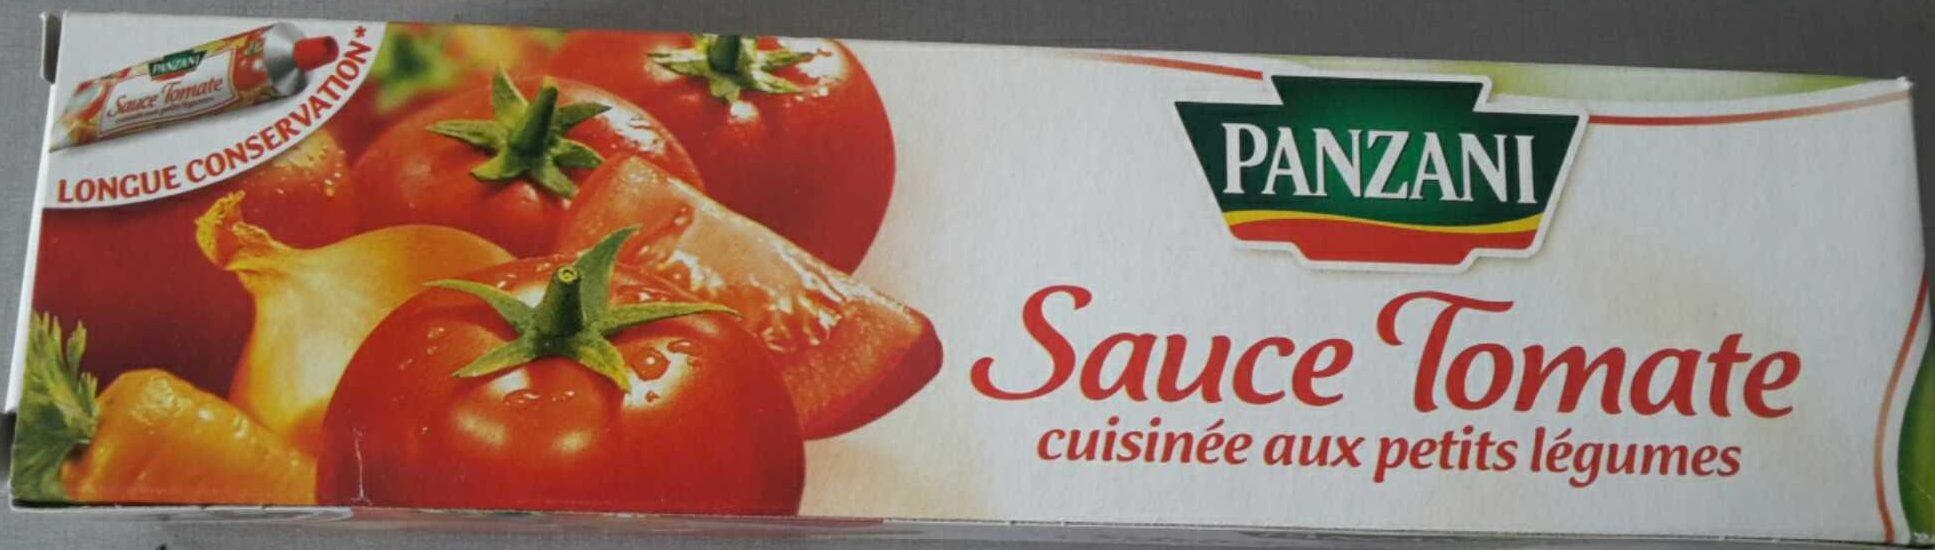 Sauce tomate cuisinée aux petits légumes - Produit